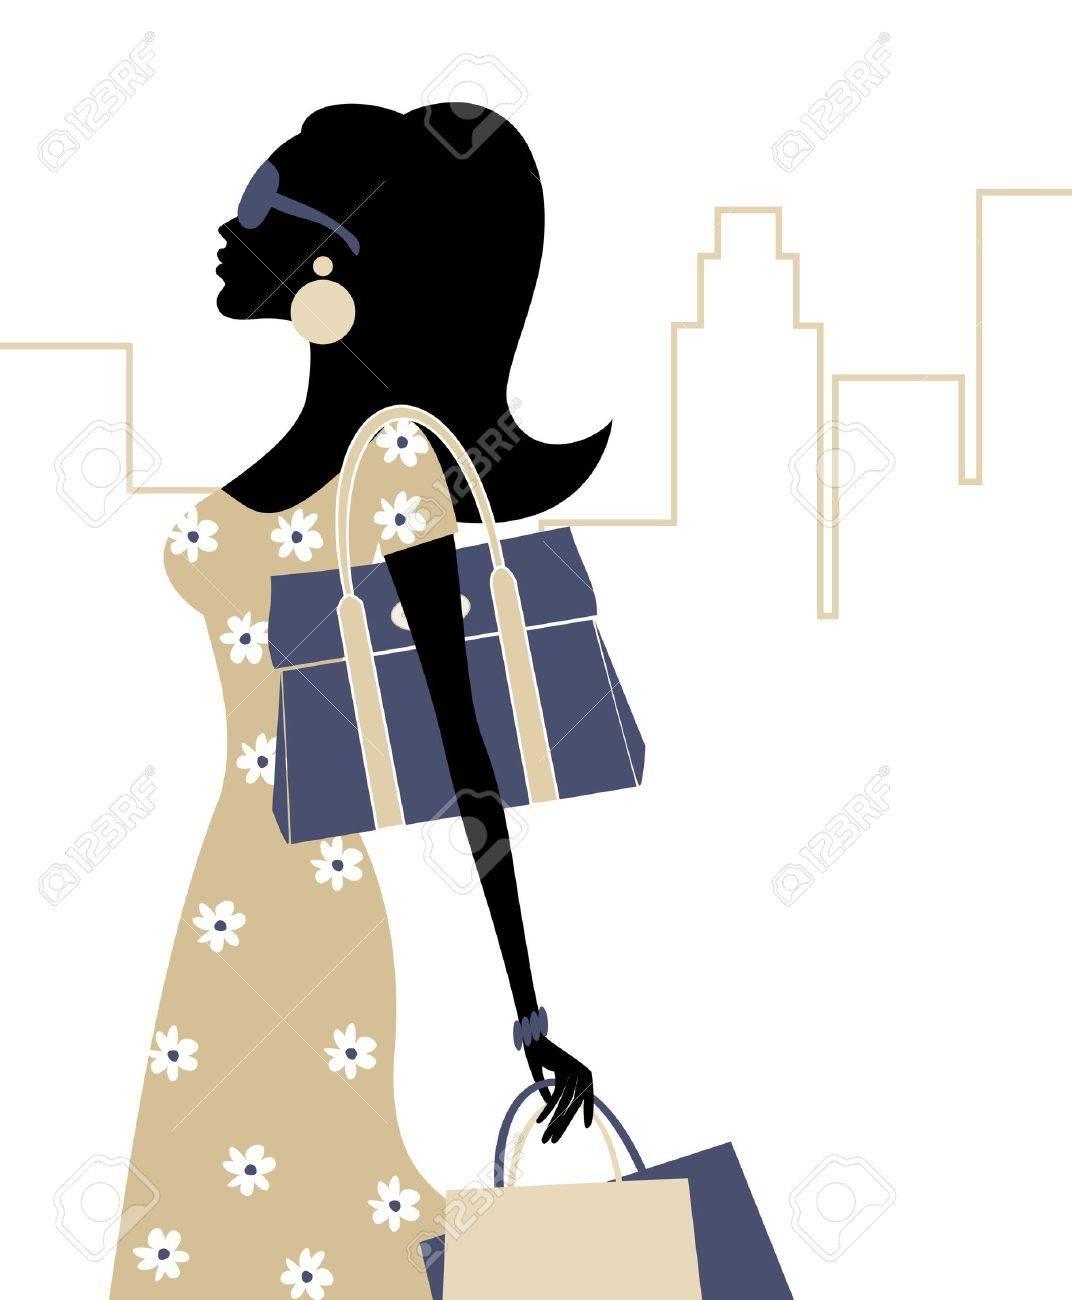 買い物袋を持つ若いおしゃれな女性のイラスト。 ロイヤリティフリー